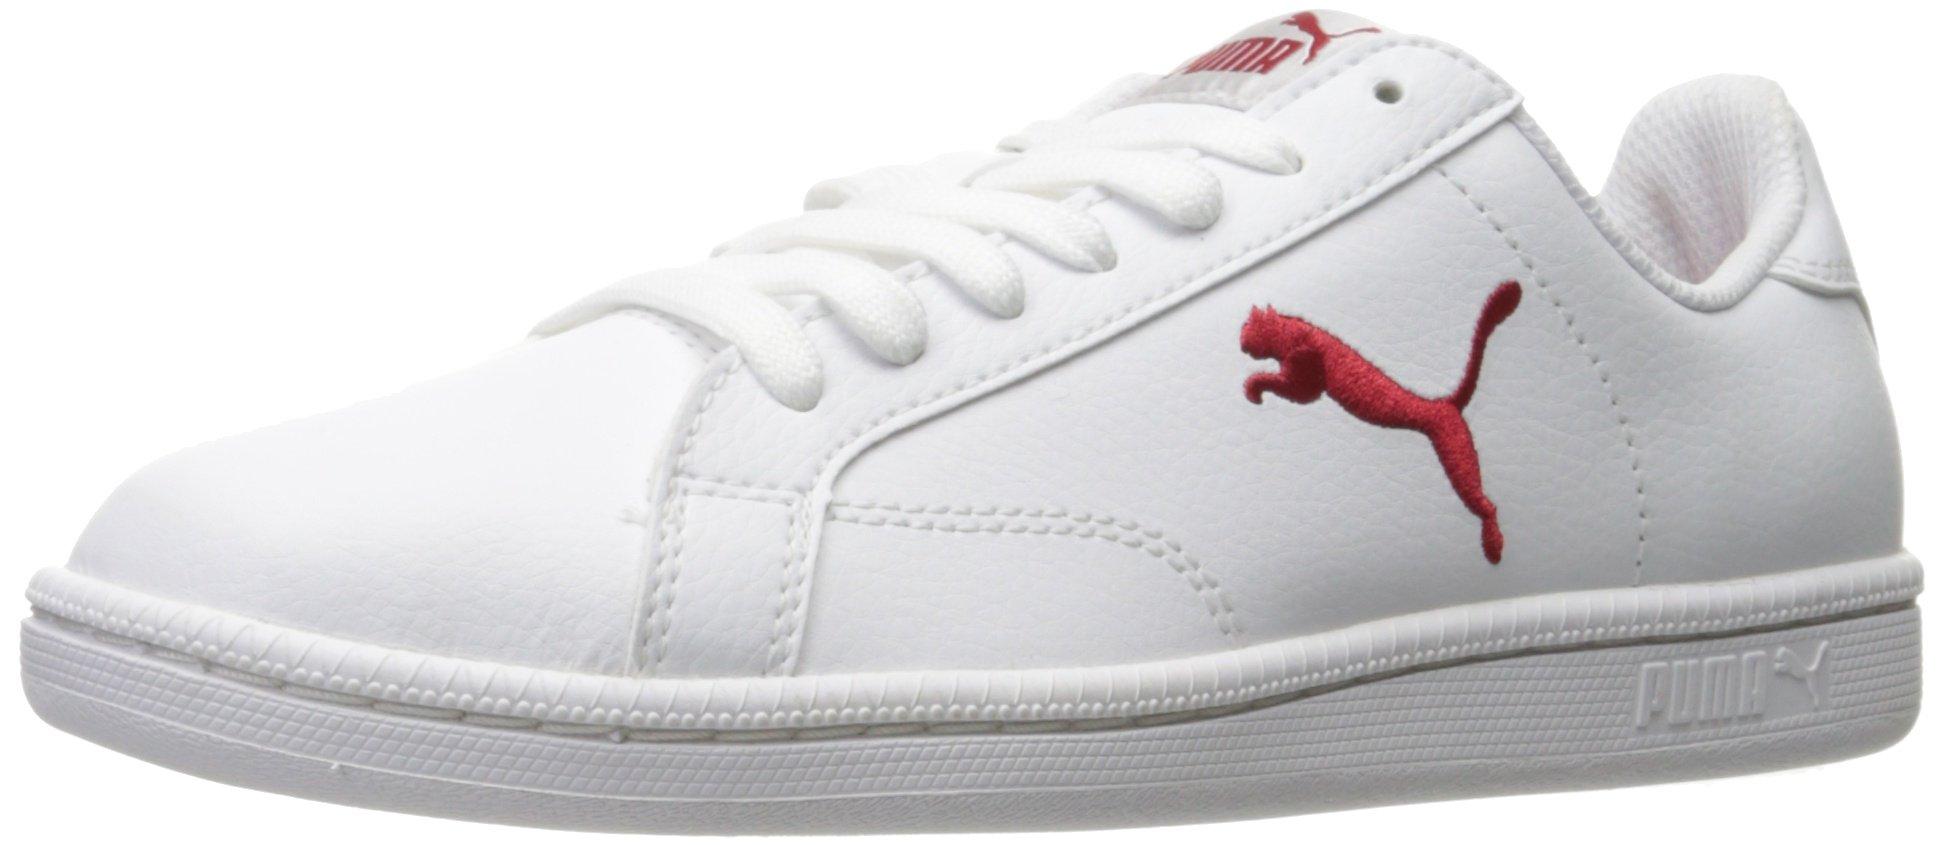 a8d6bbb07ca5 puma mens smash l puma white barbados cherry exquisite style 04a79 ...